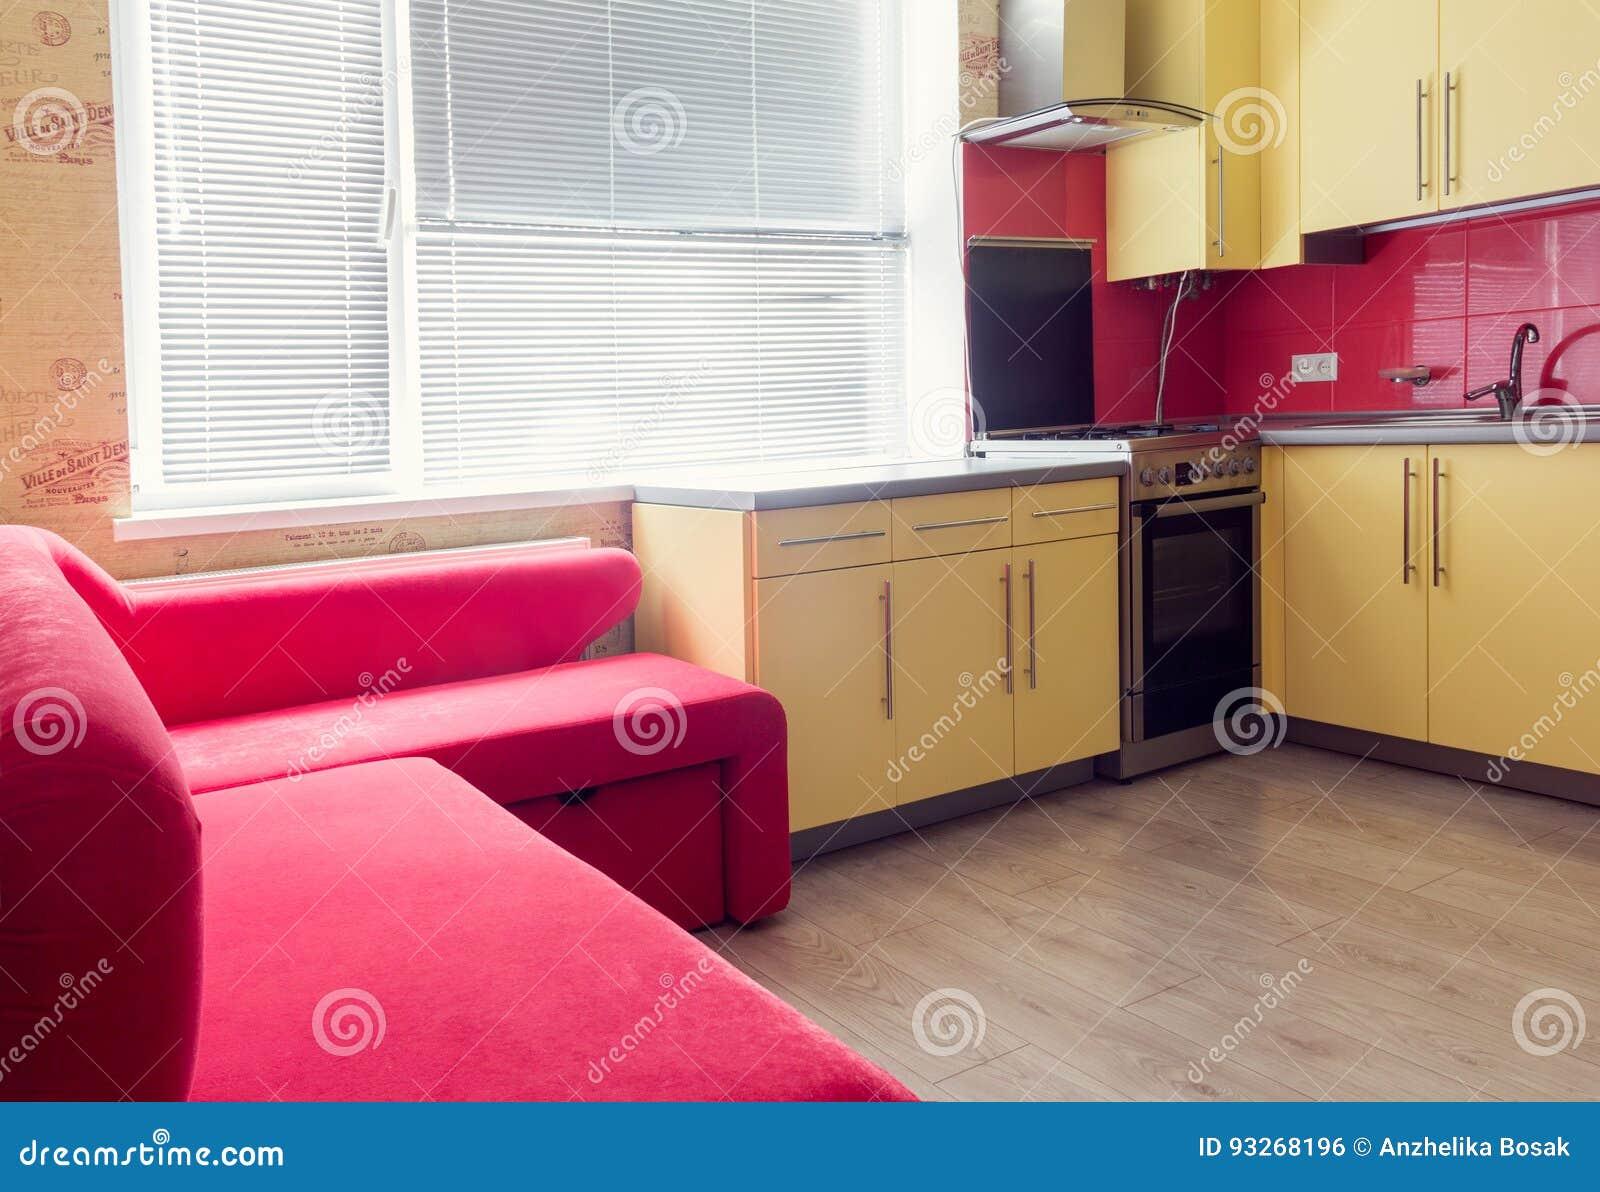 Gelbe Küche Mit Des Fensters, Lamellenförmig Angeordneter Und Roter ...